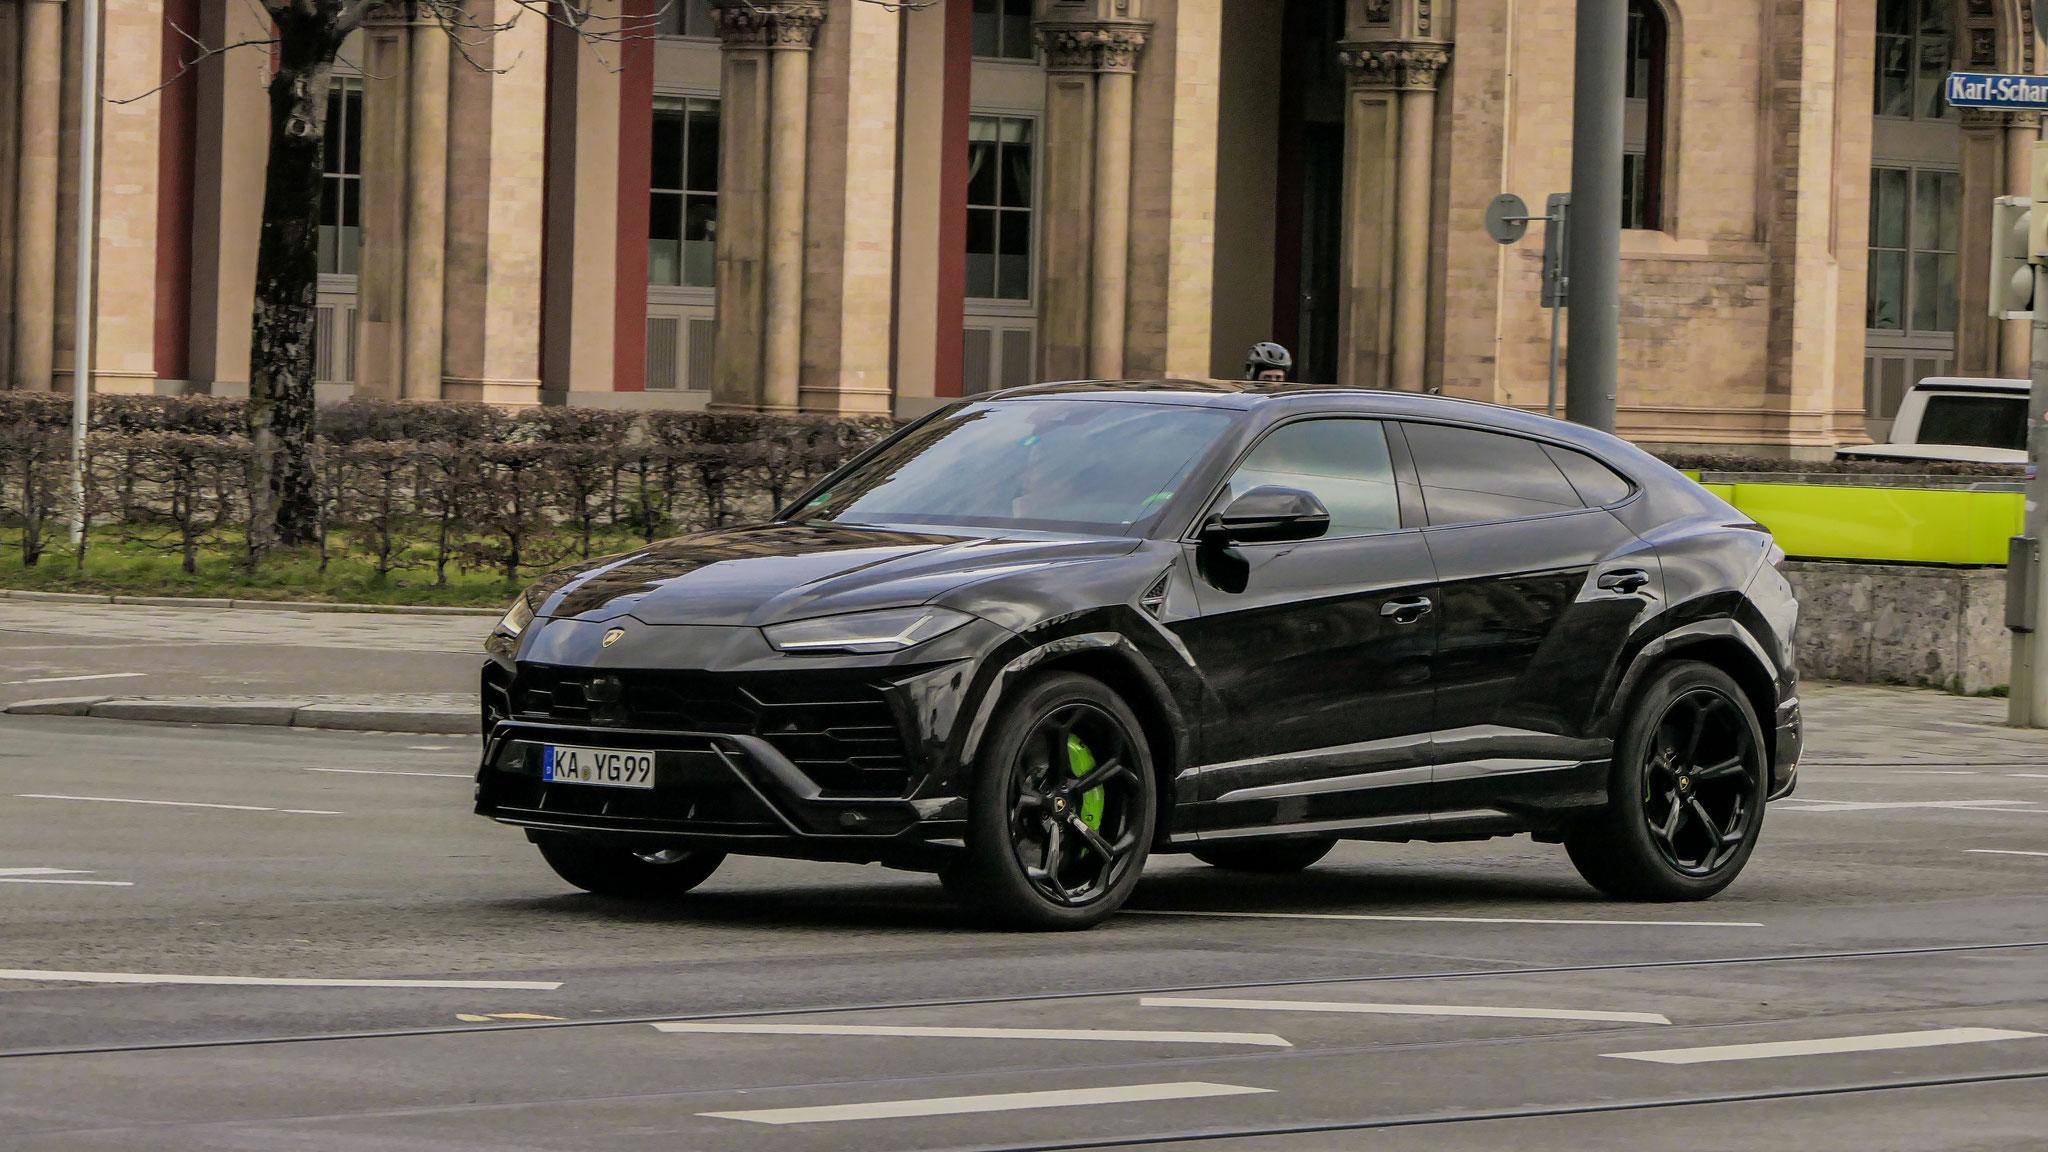 Lamborghini Urus - KA-YG-99